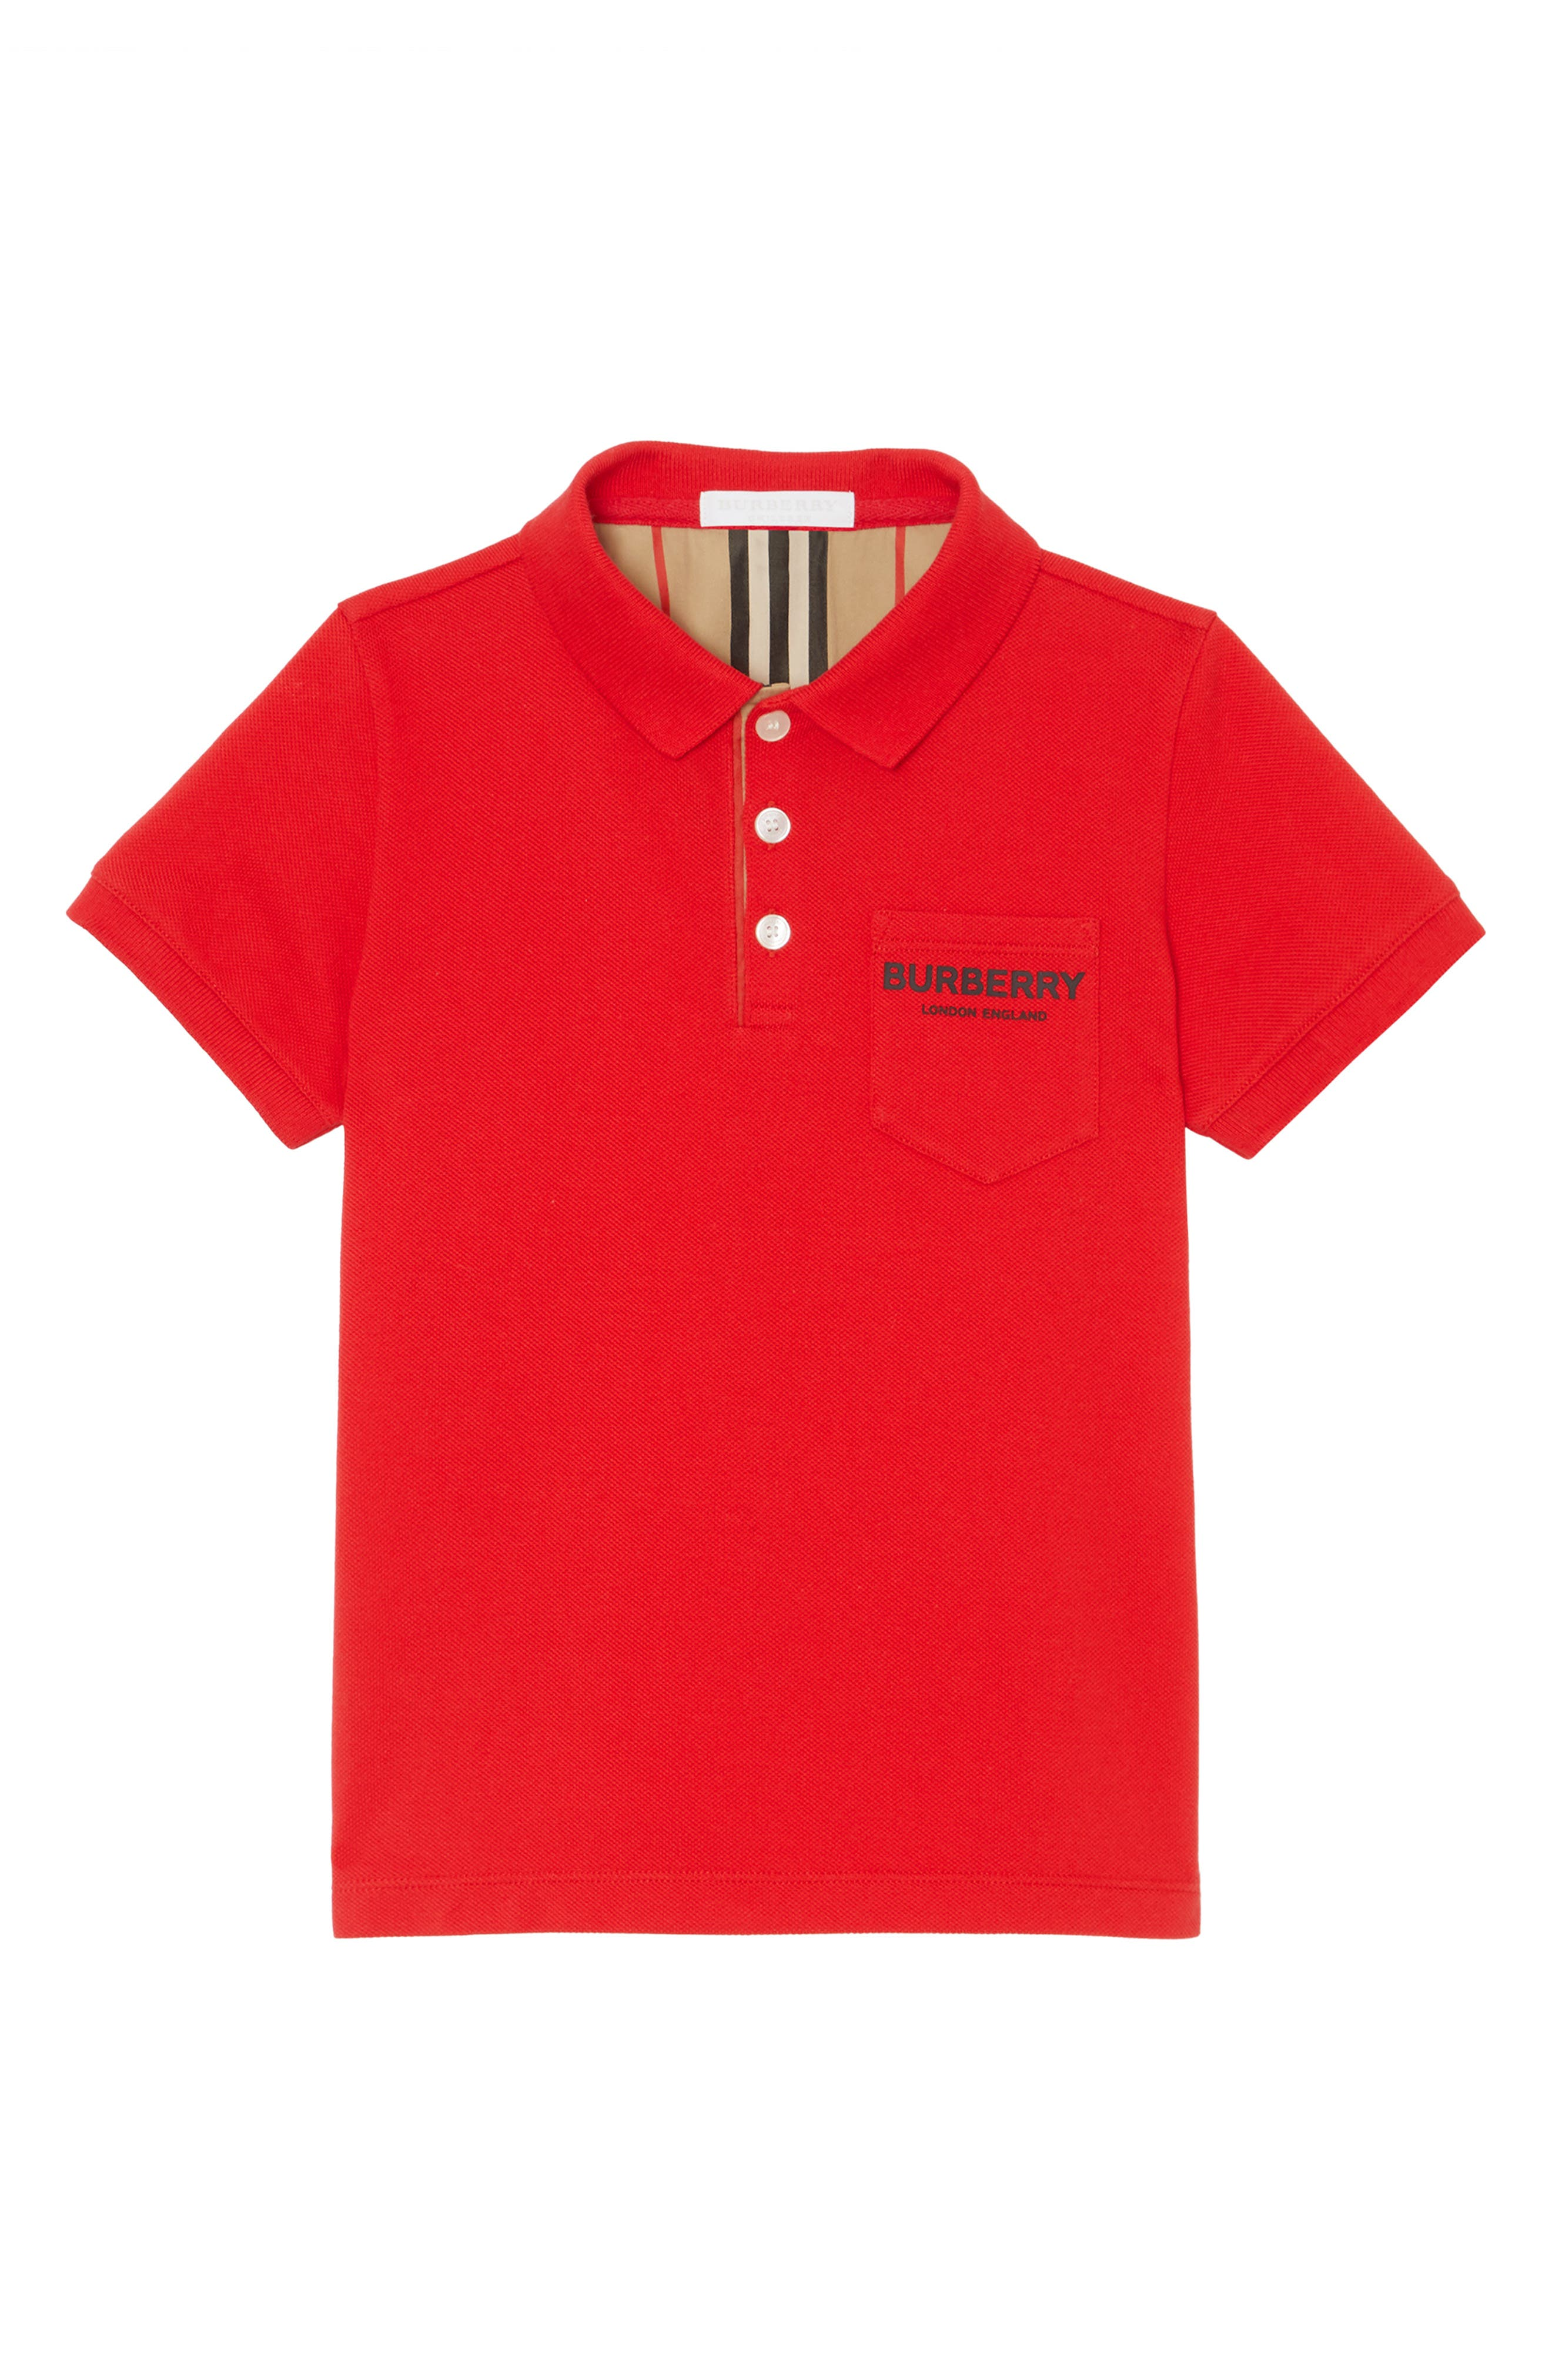 BURBERRY, Logo Cotton Piqué Polo, Main thumbnail 1, color, BRIGHT RED